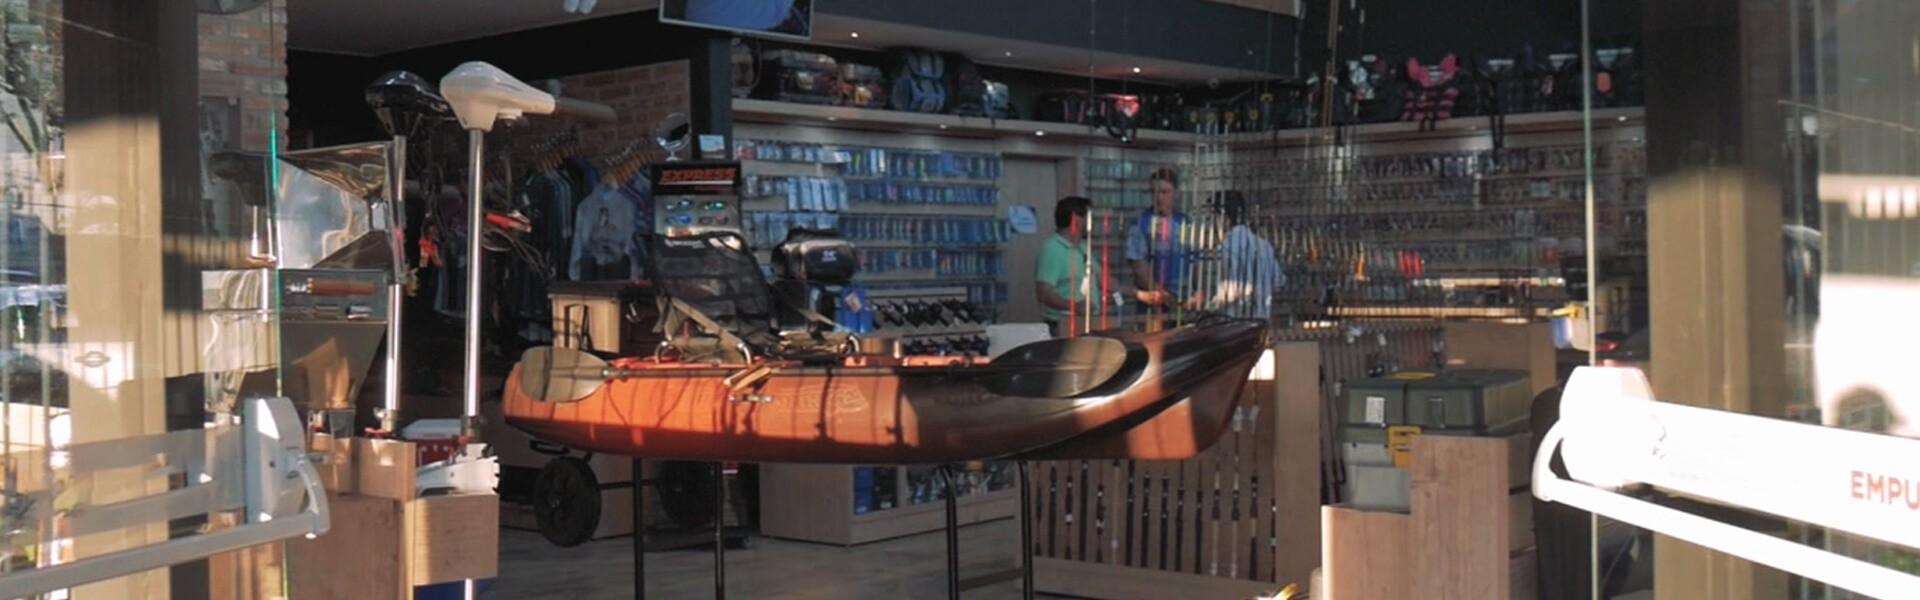 Lojas de São Paulo encontram outros formatos de atendimento